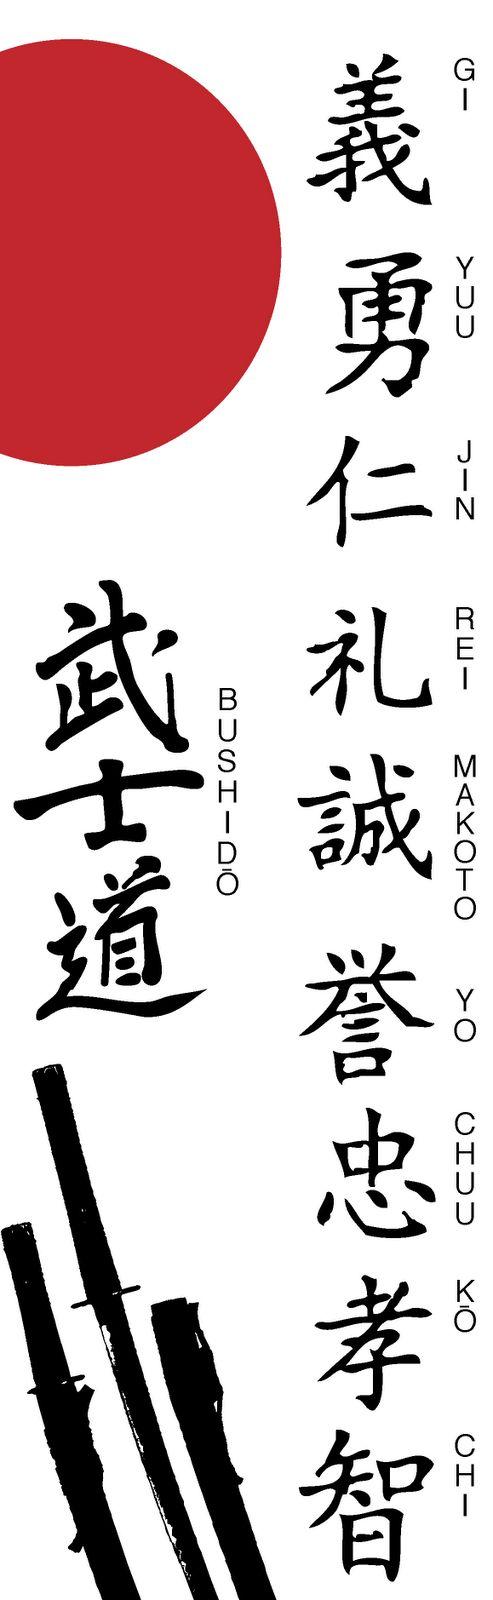 codigo bushido kanjis - Buscar con Google